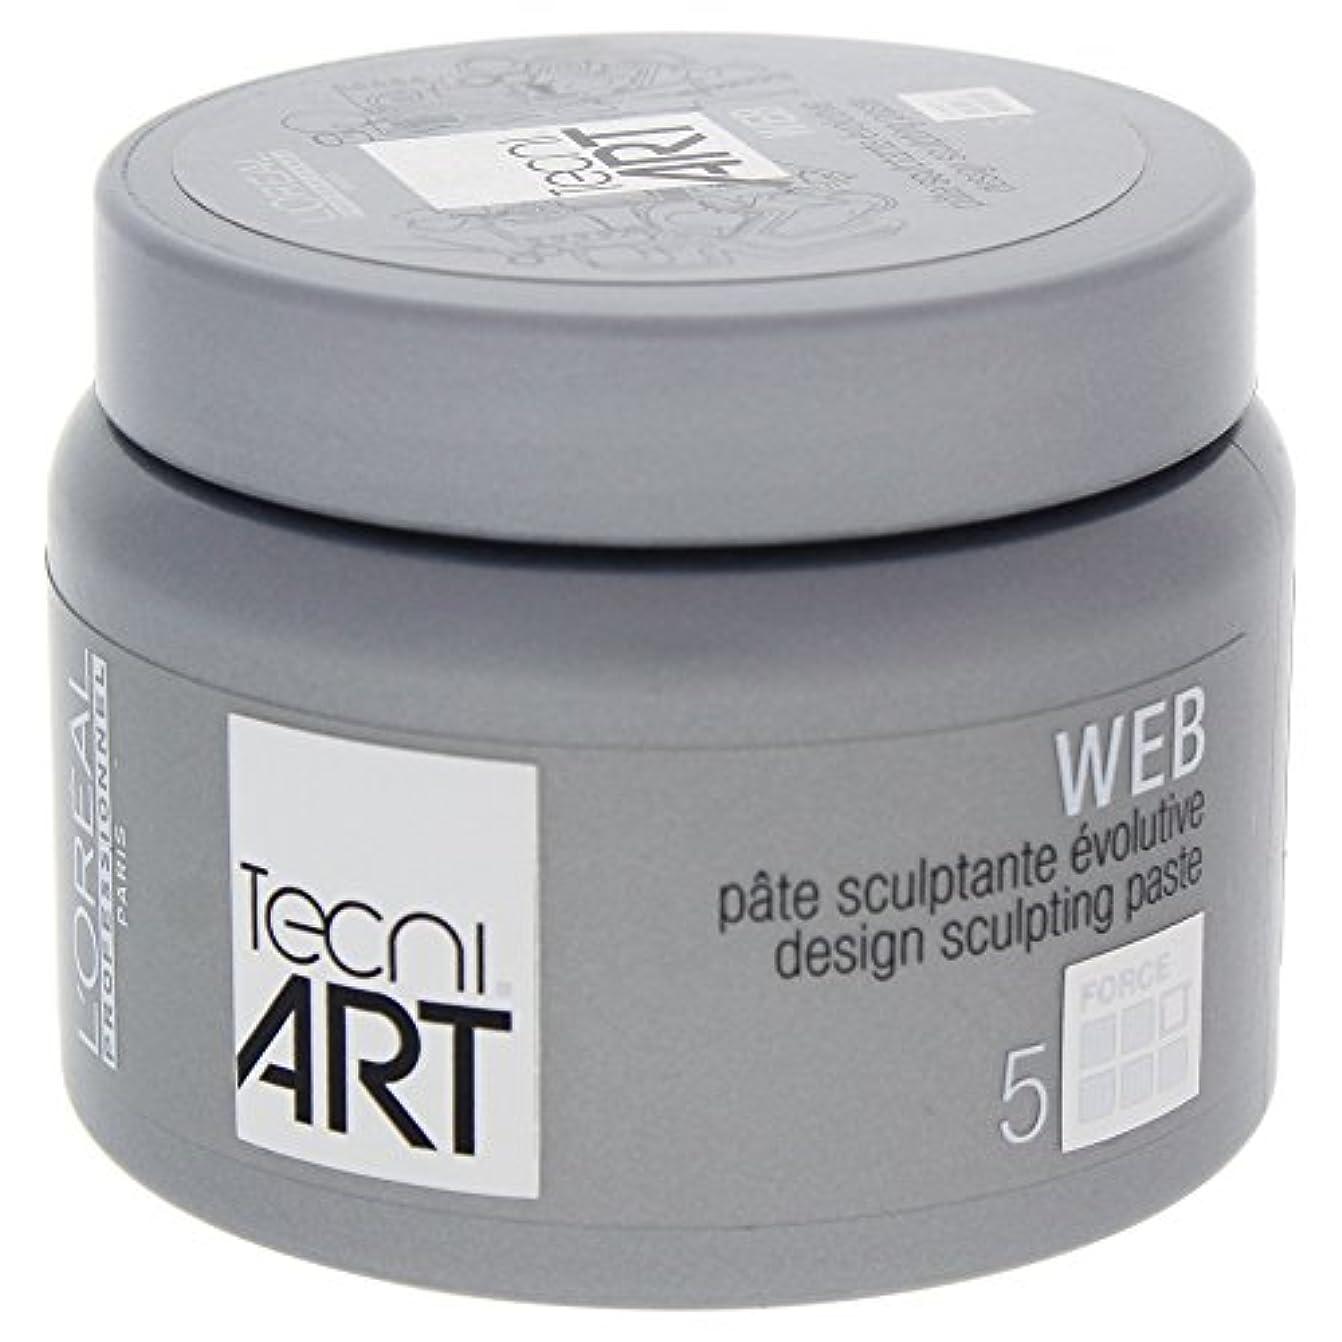 野心海里同一のロレアルテクニアートTecni Art Force 5 Web Design Sculpting Paste